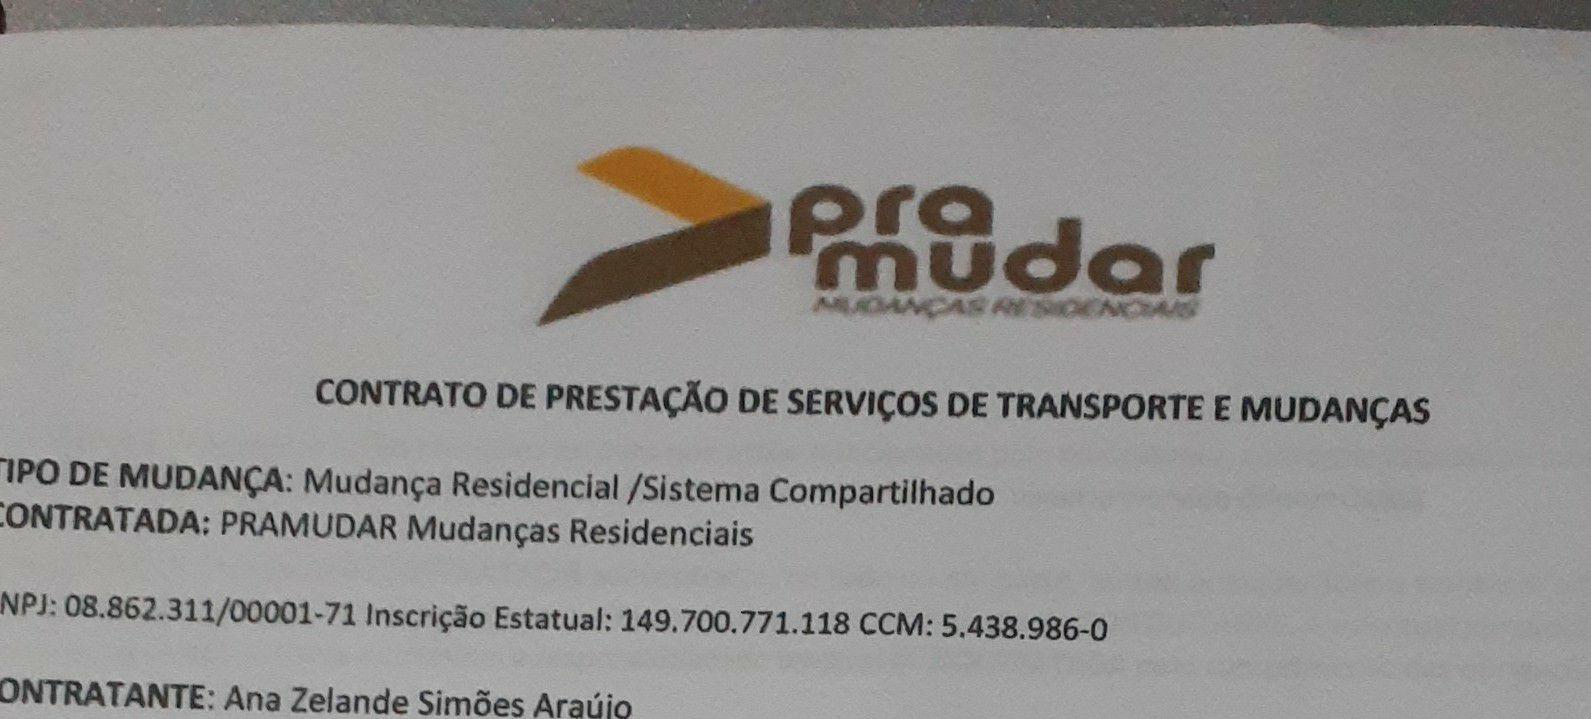 contrato de prestação de serviço